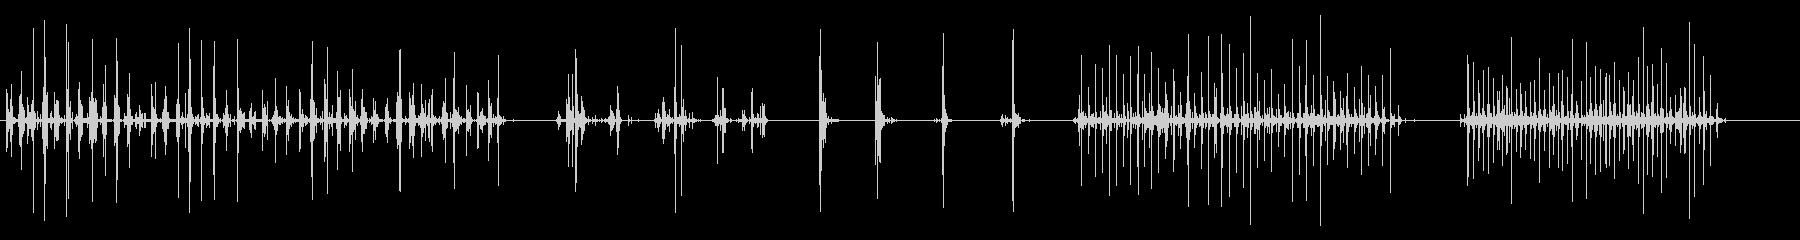 クランチ2を残すの未再生の波形